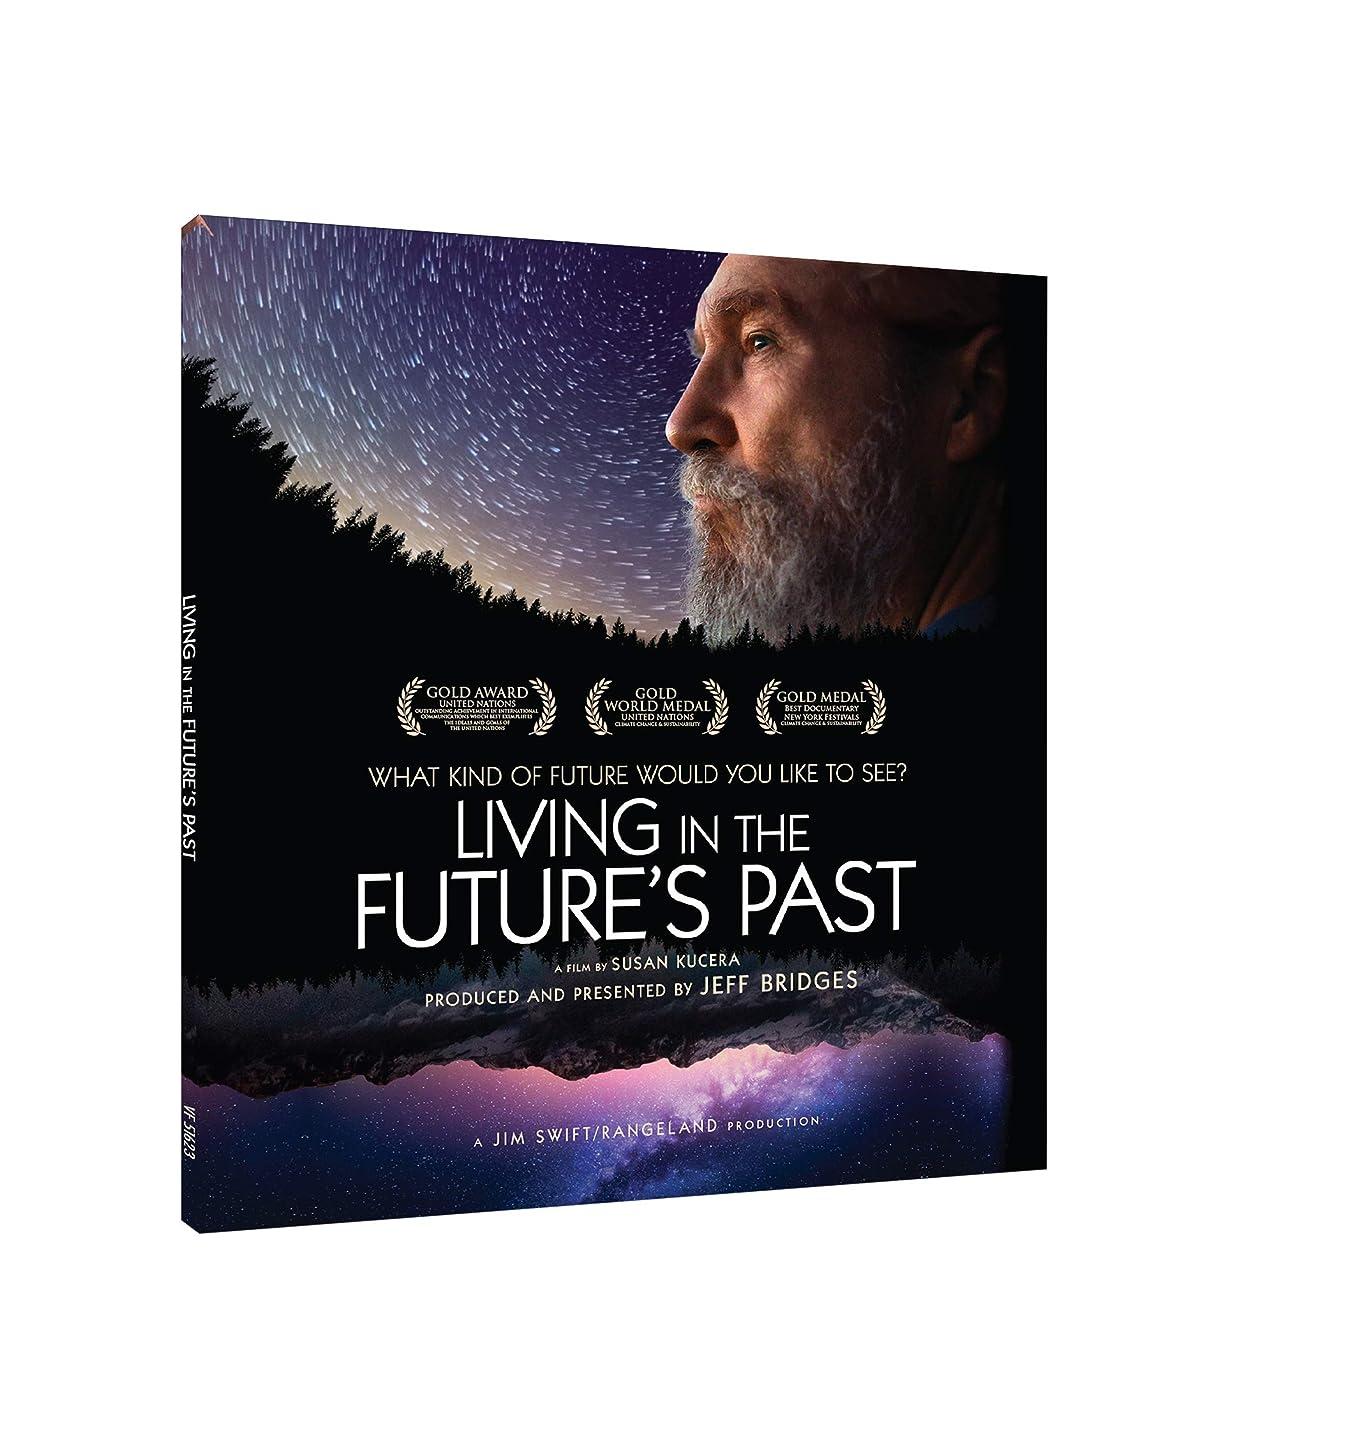 腐った伝記厚さLiving In The Future's Past [Blu-ray]